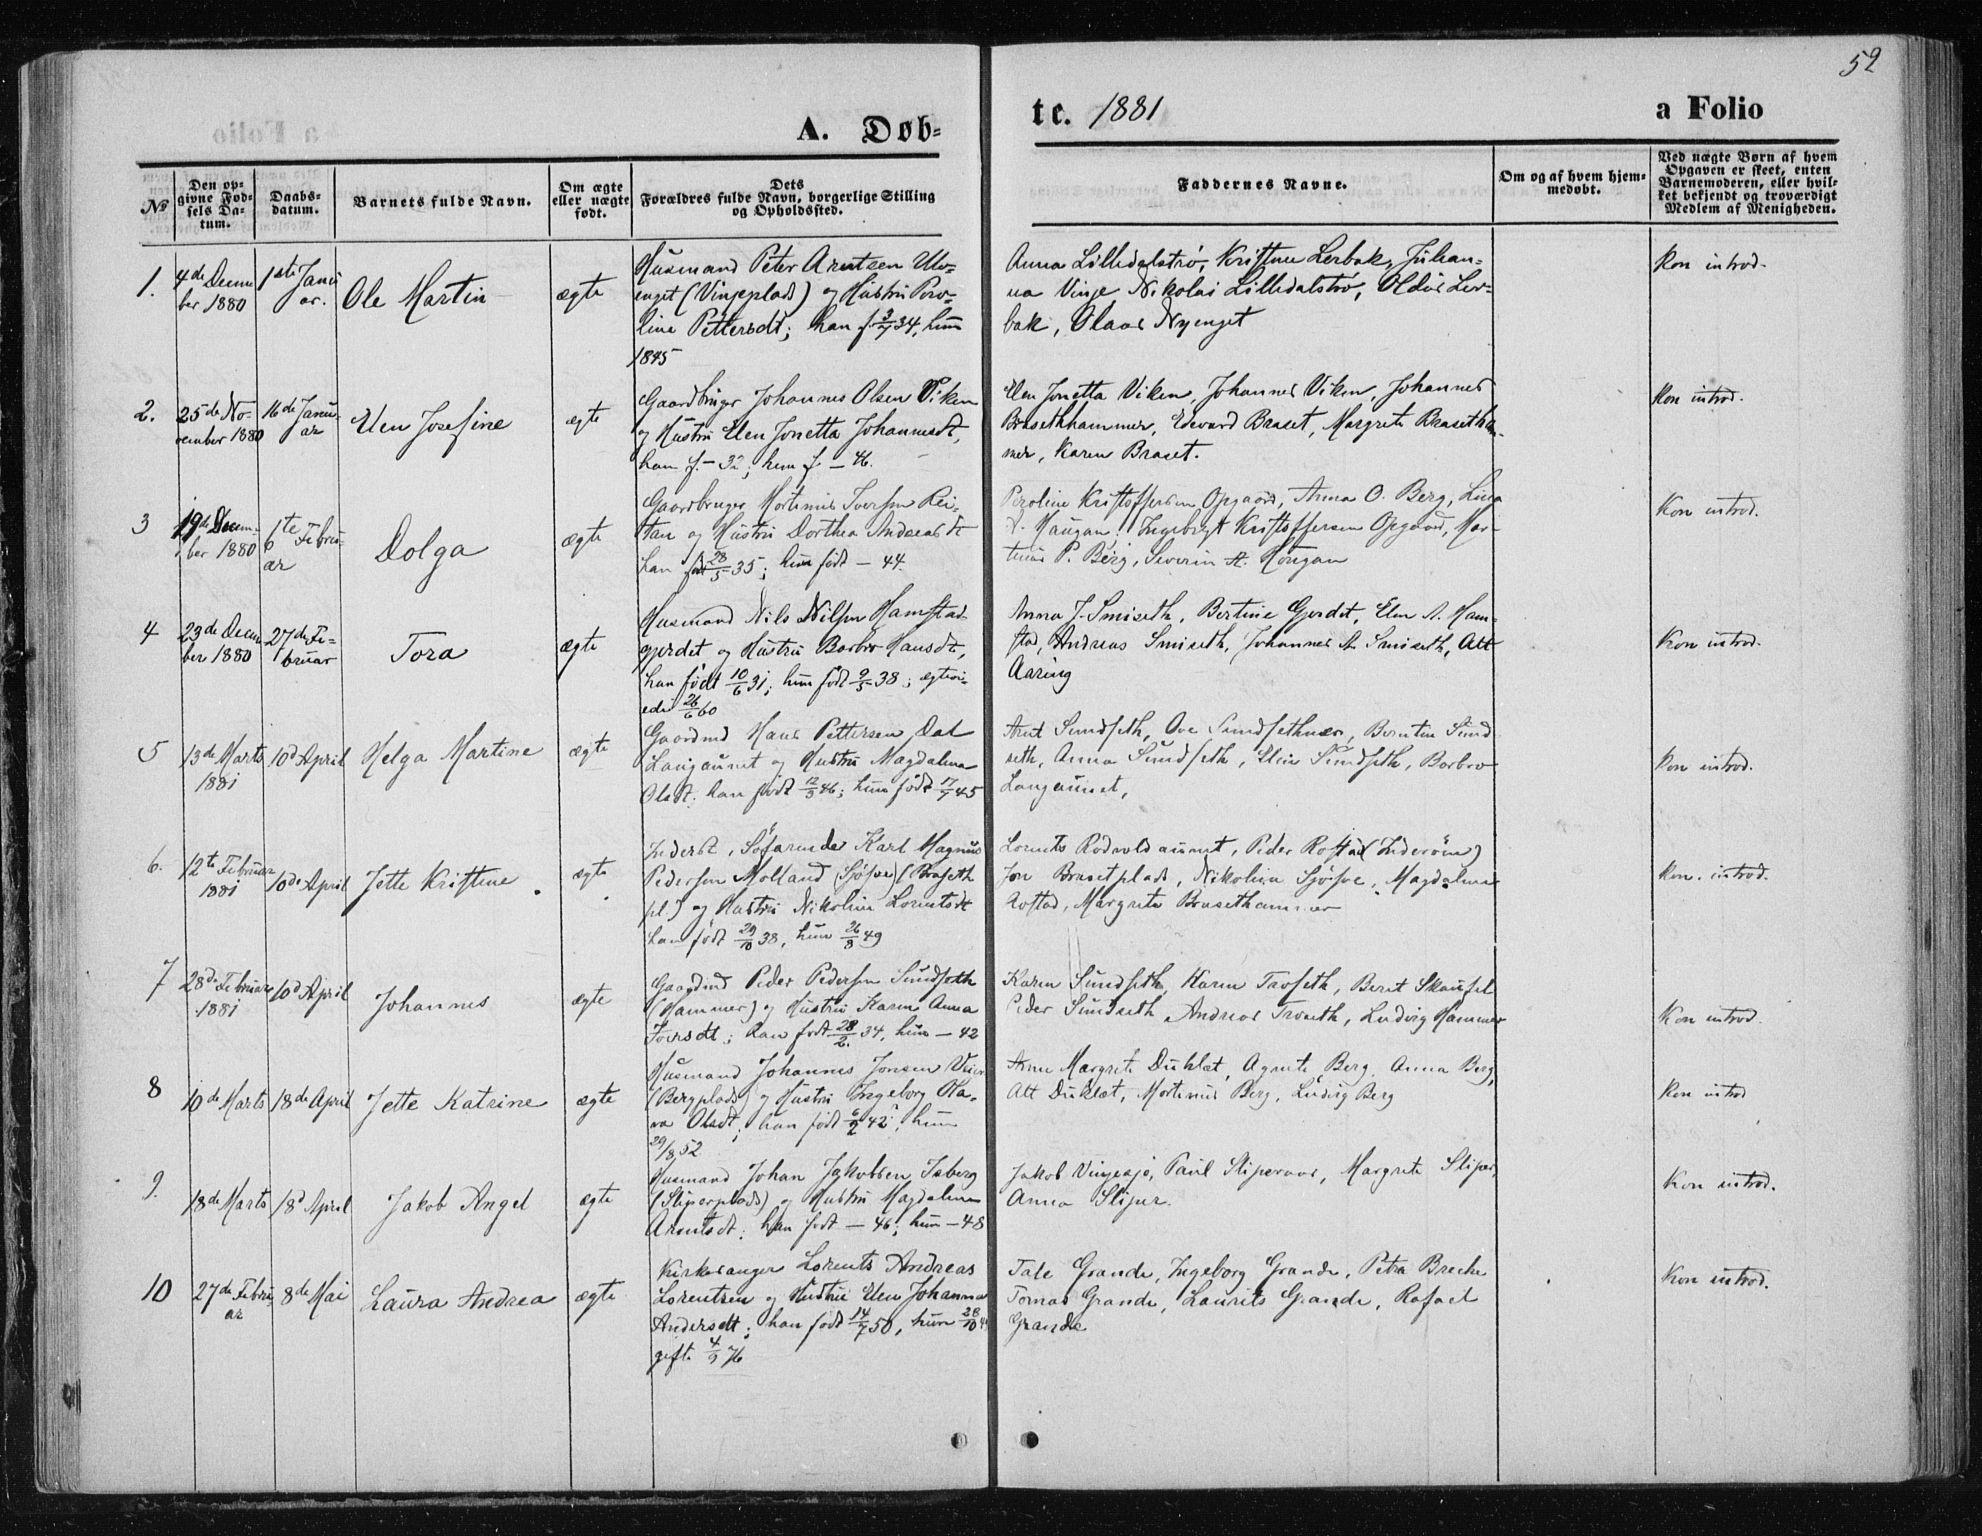 SAT, Ministerialprotokoller, klokkerbøker og fødselsregistre - Nord-Trøndelag, 733/L0324: Ministerialbok nr. 733A03, 1870-1883, s. 52